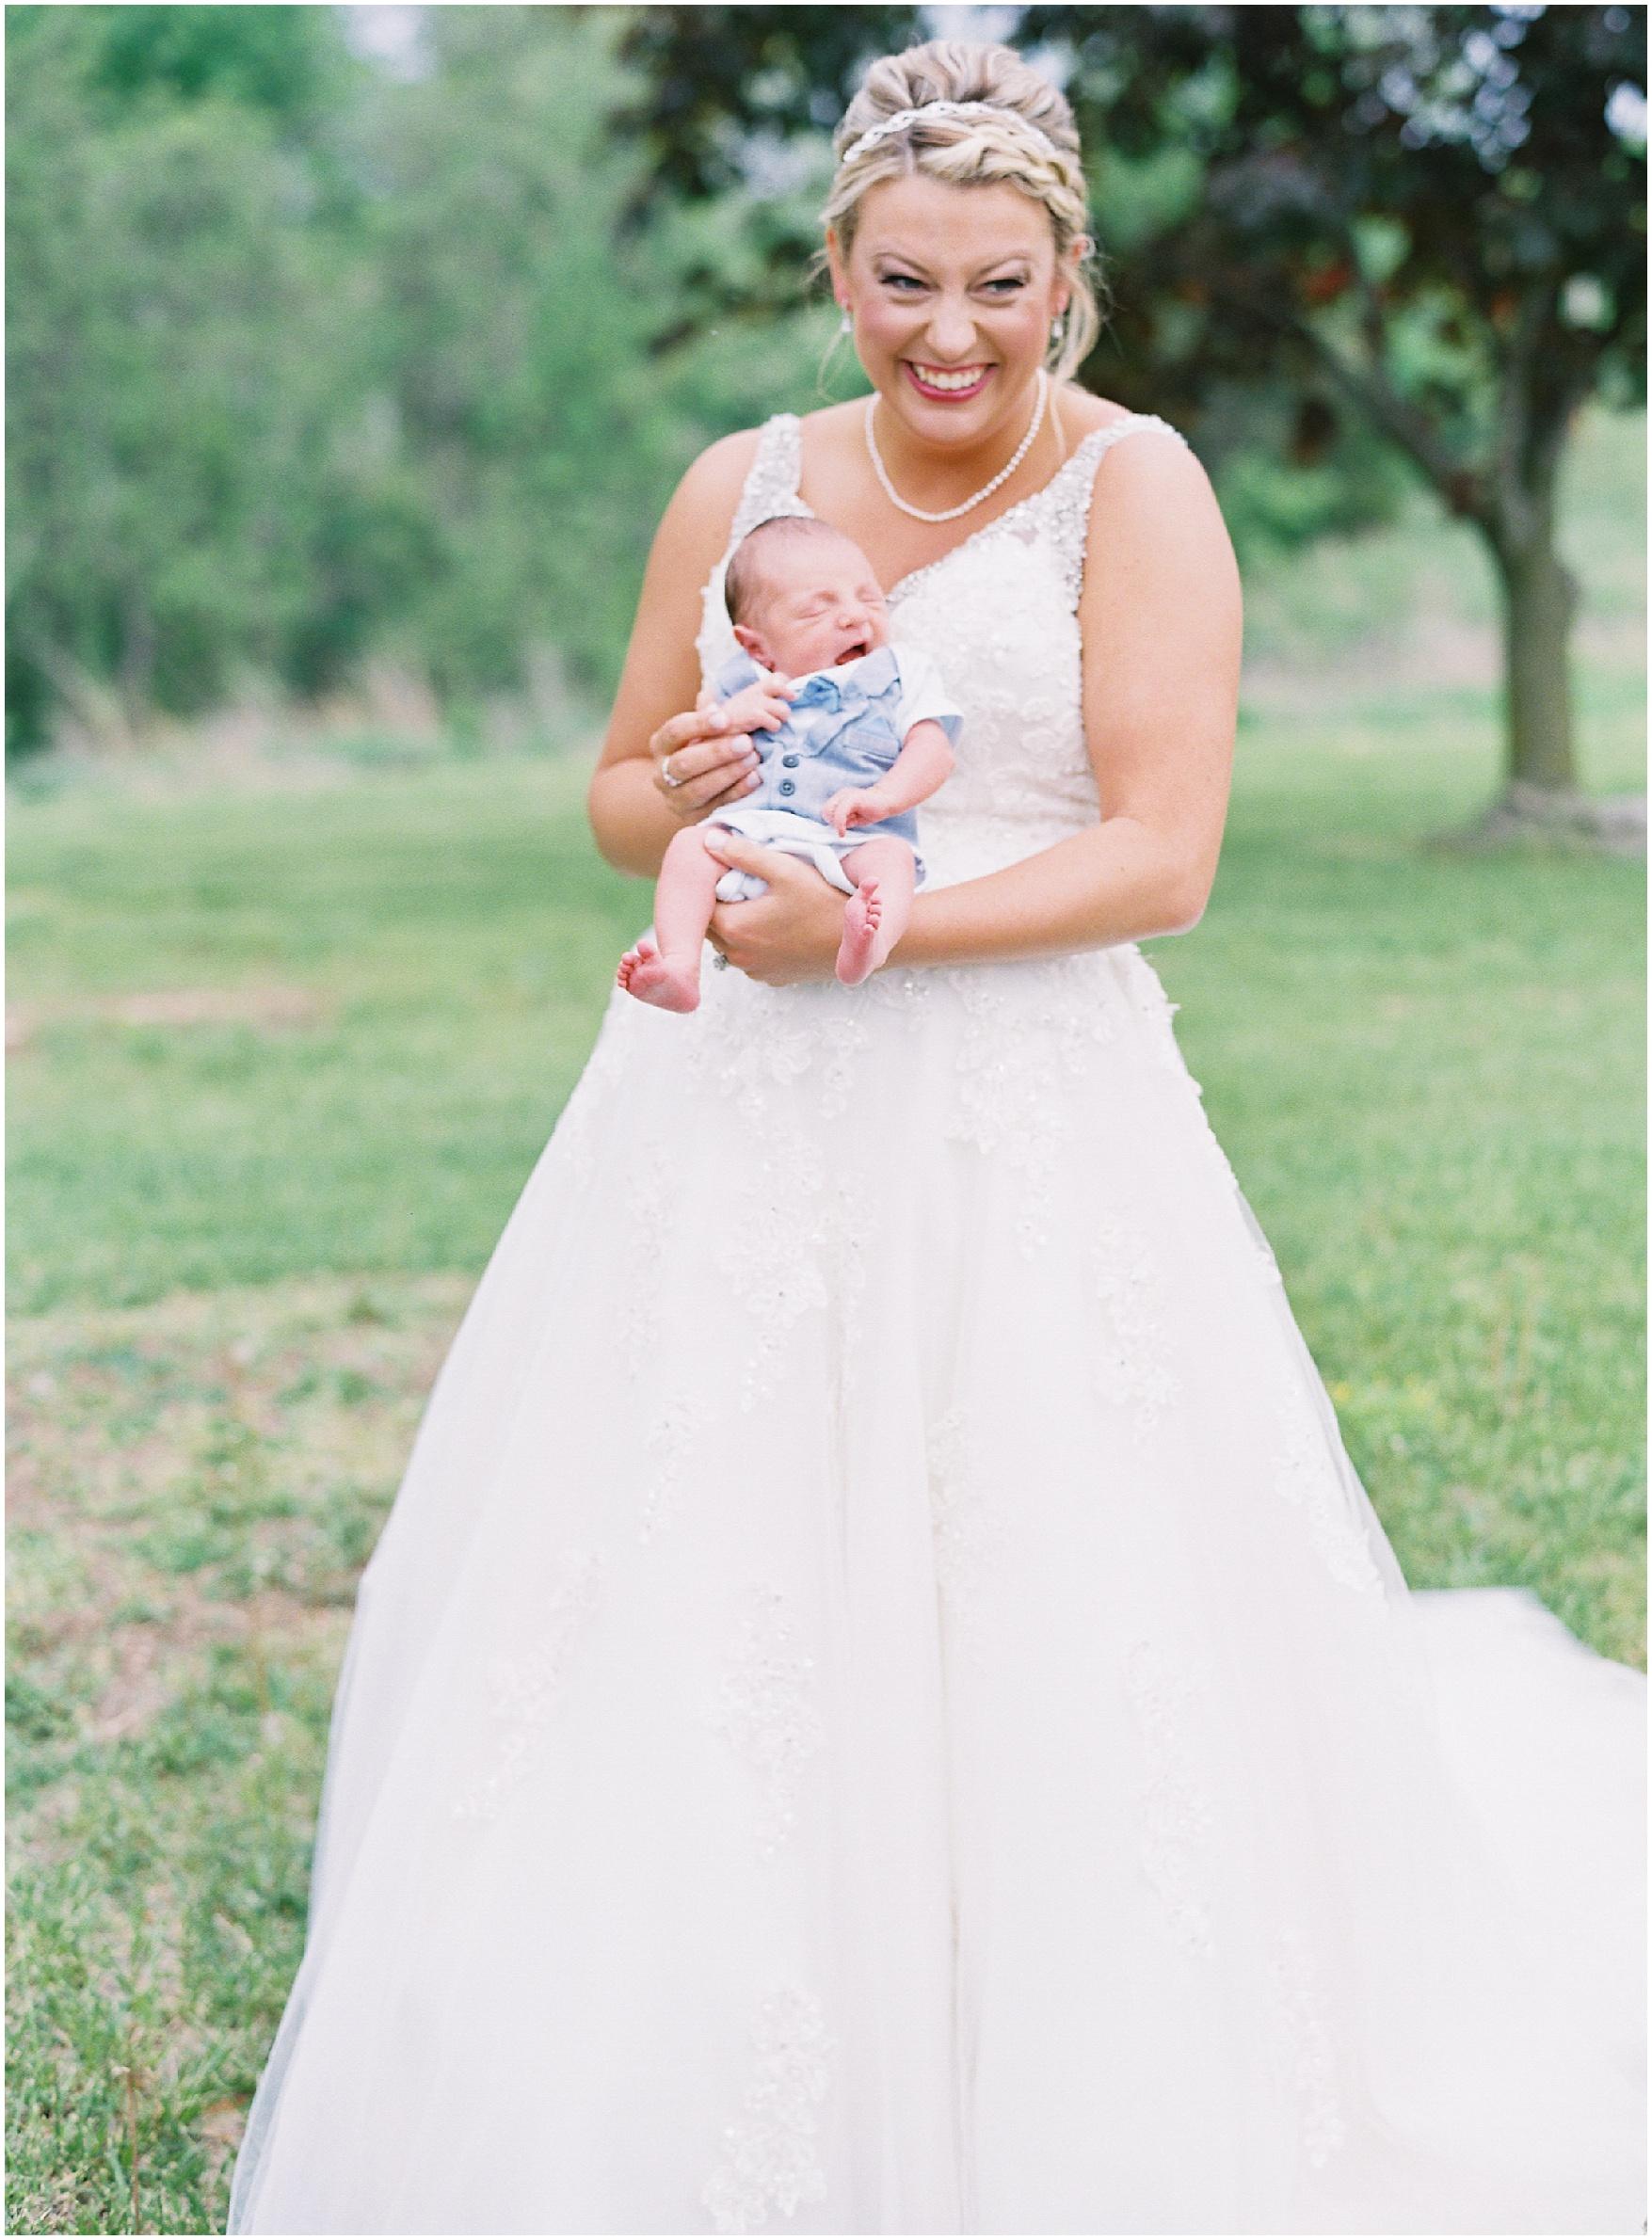 wedding photography st louis_lauren muckler photography_film photographer_film wedding_0372.jpg